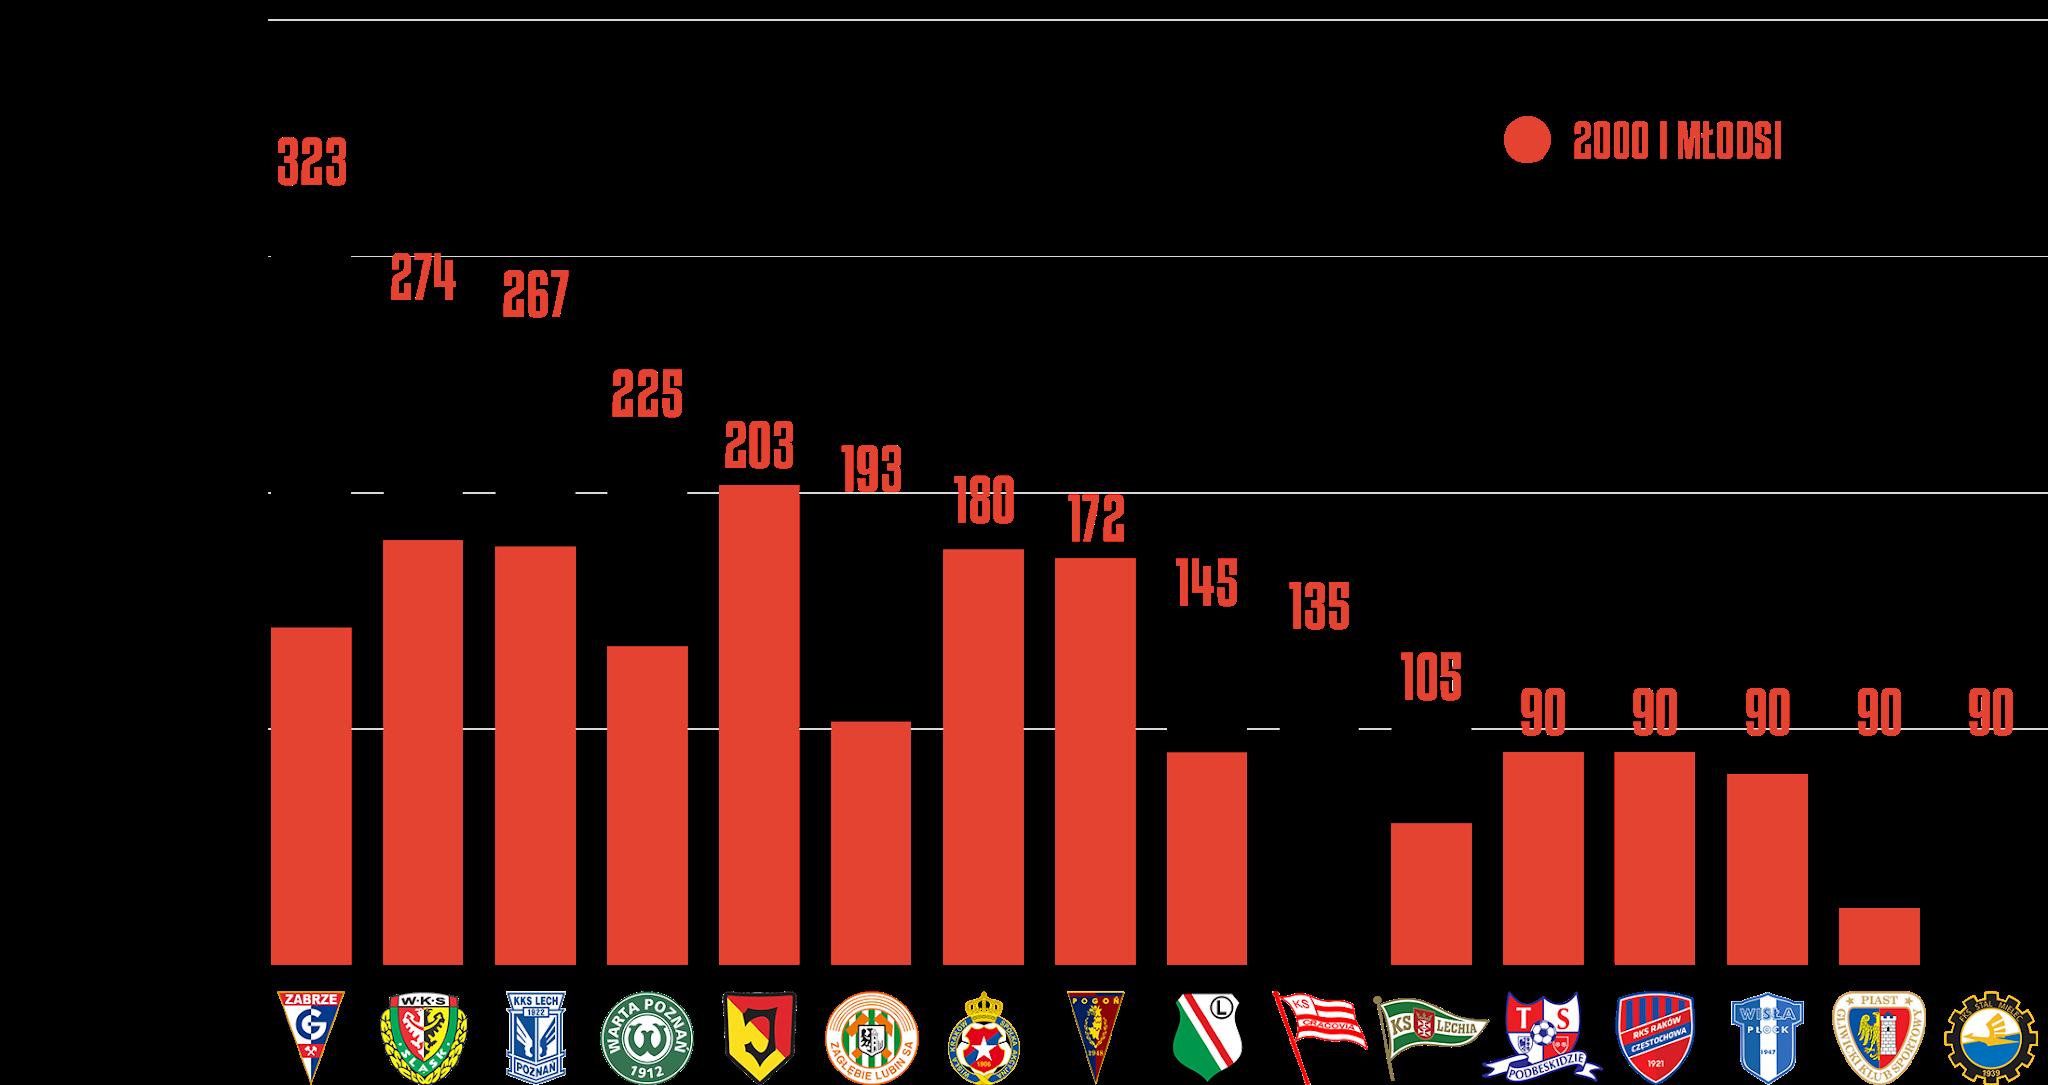 Klasyfikacja klubów pod względem rozegranego czasu przez młodzieżowców w28.kolejce PKO Ekstraklasy<br><br>Źródło: Opracowanie własne na podstawie ekstrastats.pl<br><br>graf. Bartosz Urban